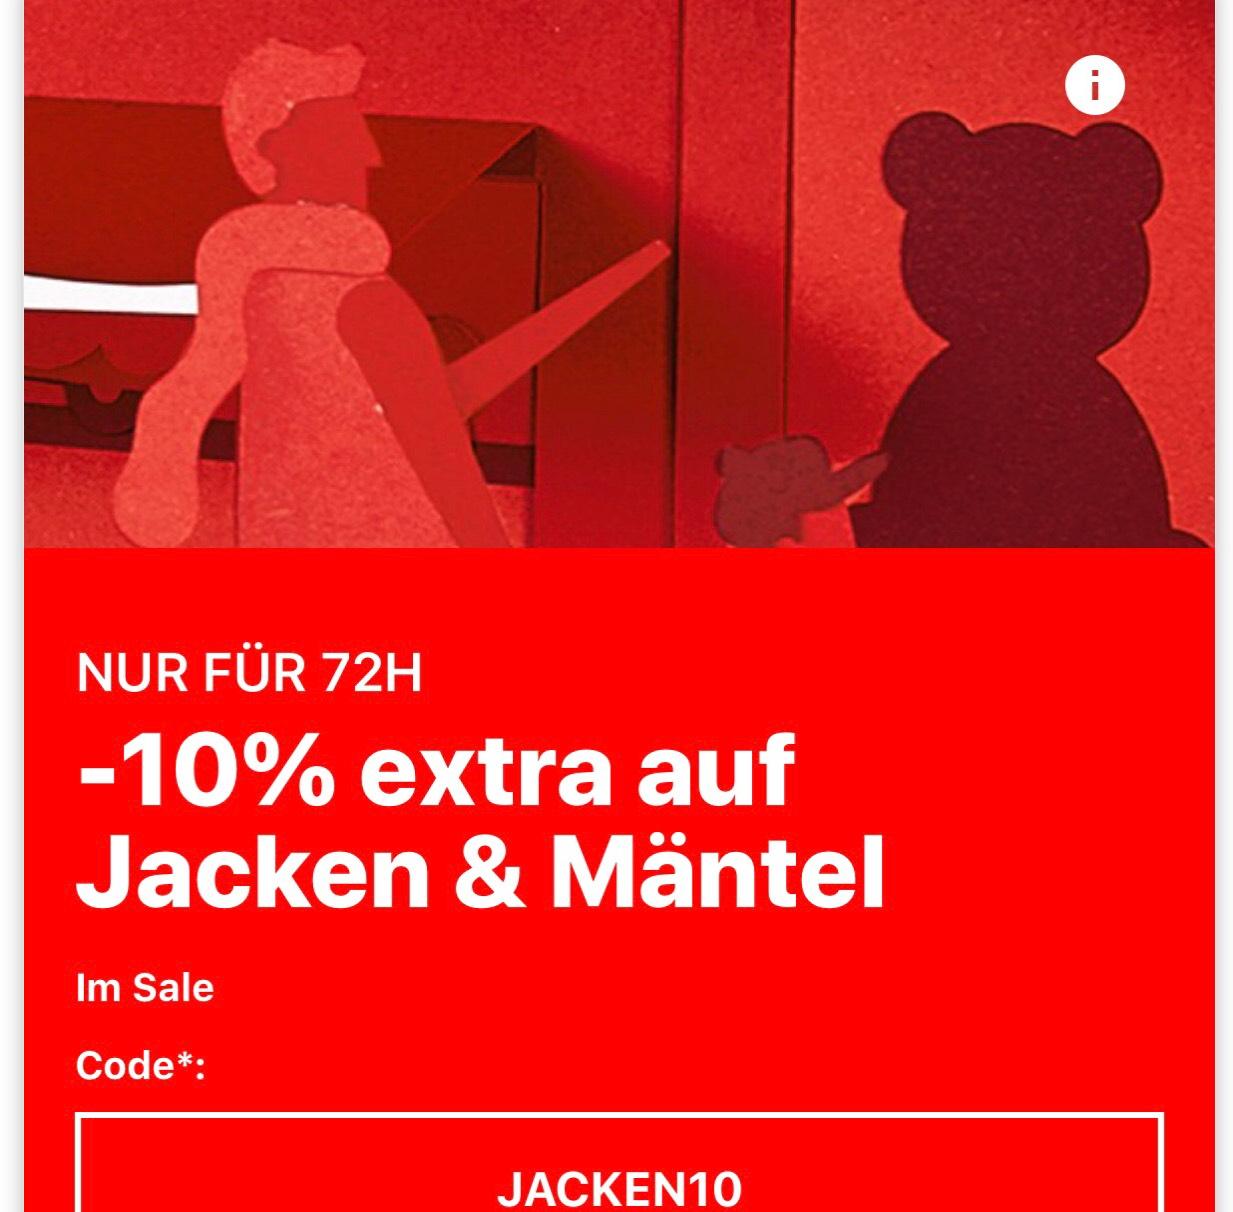 10% extra Rabatt auf Jacken & Mäntel bei Zalando. Kein MBW.